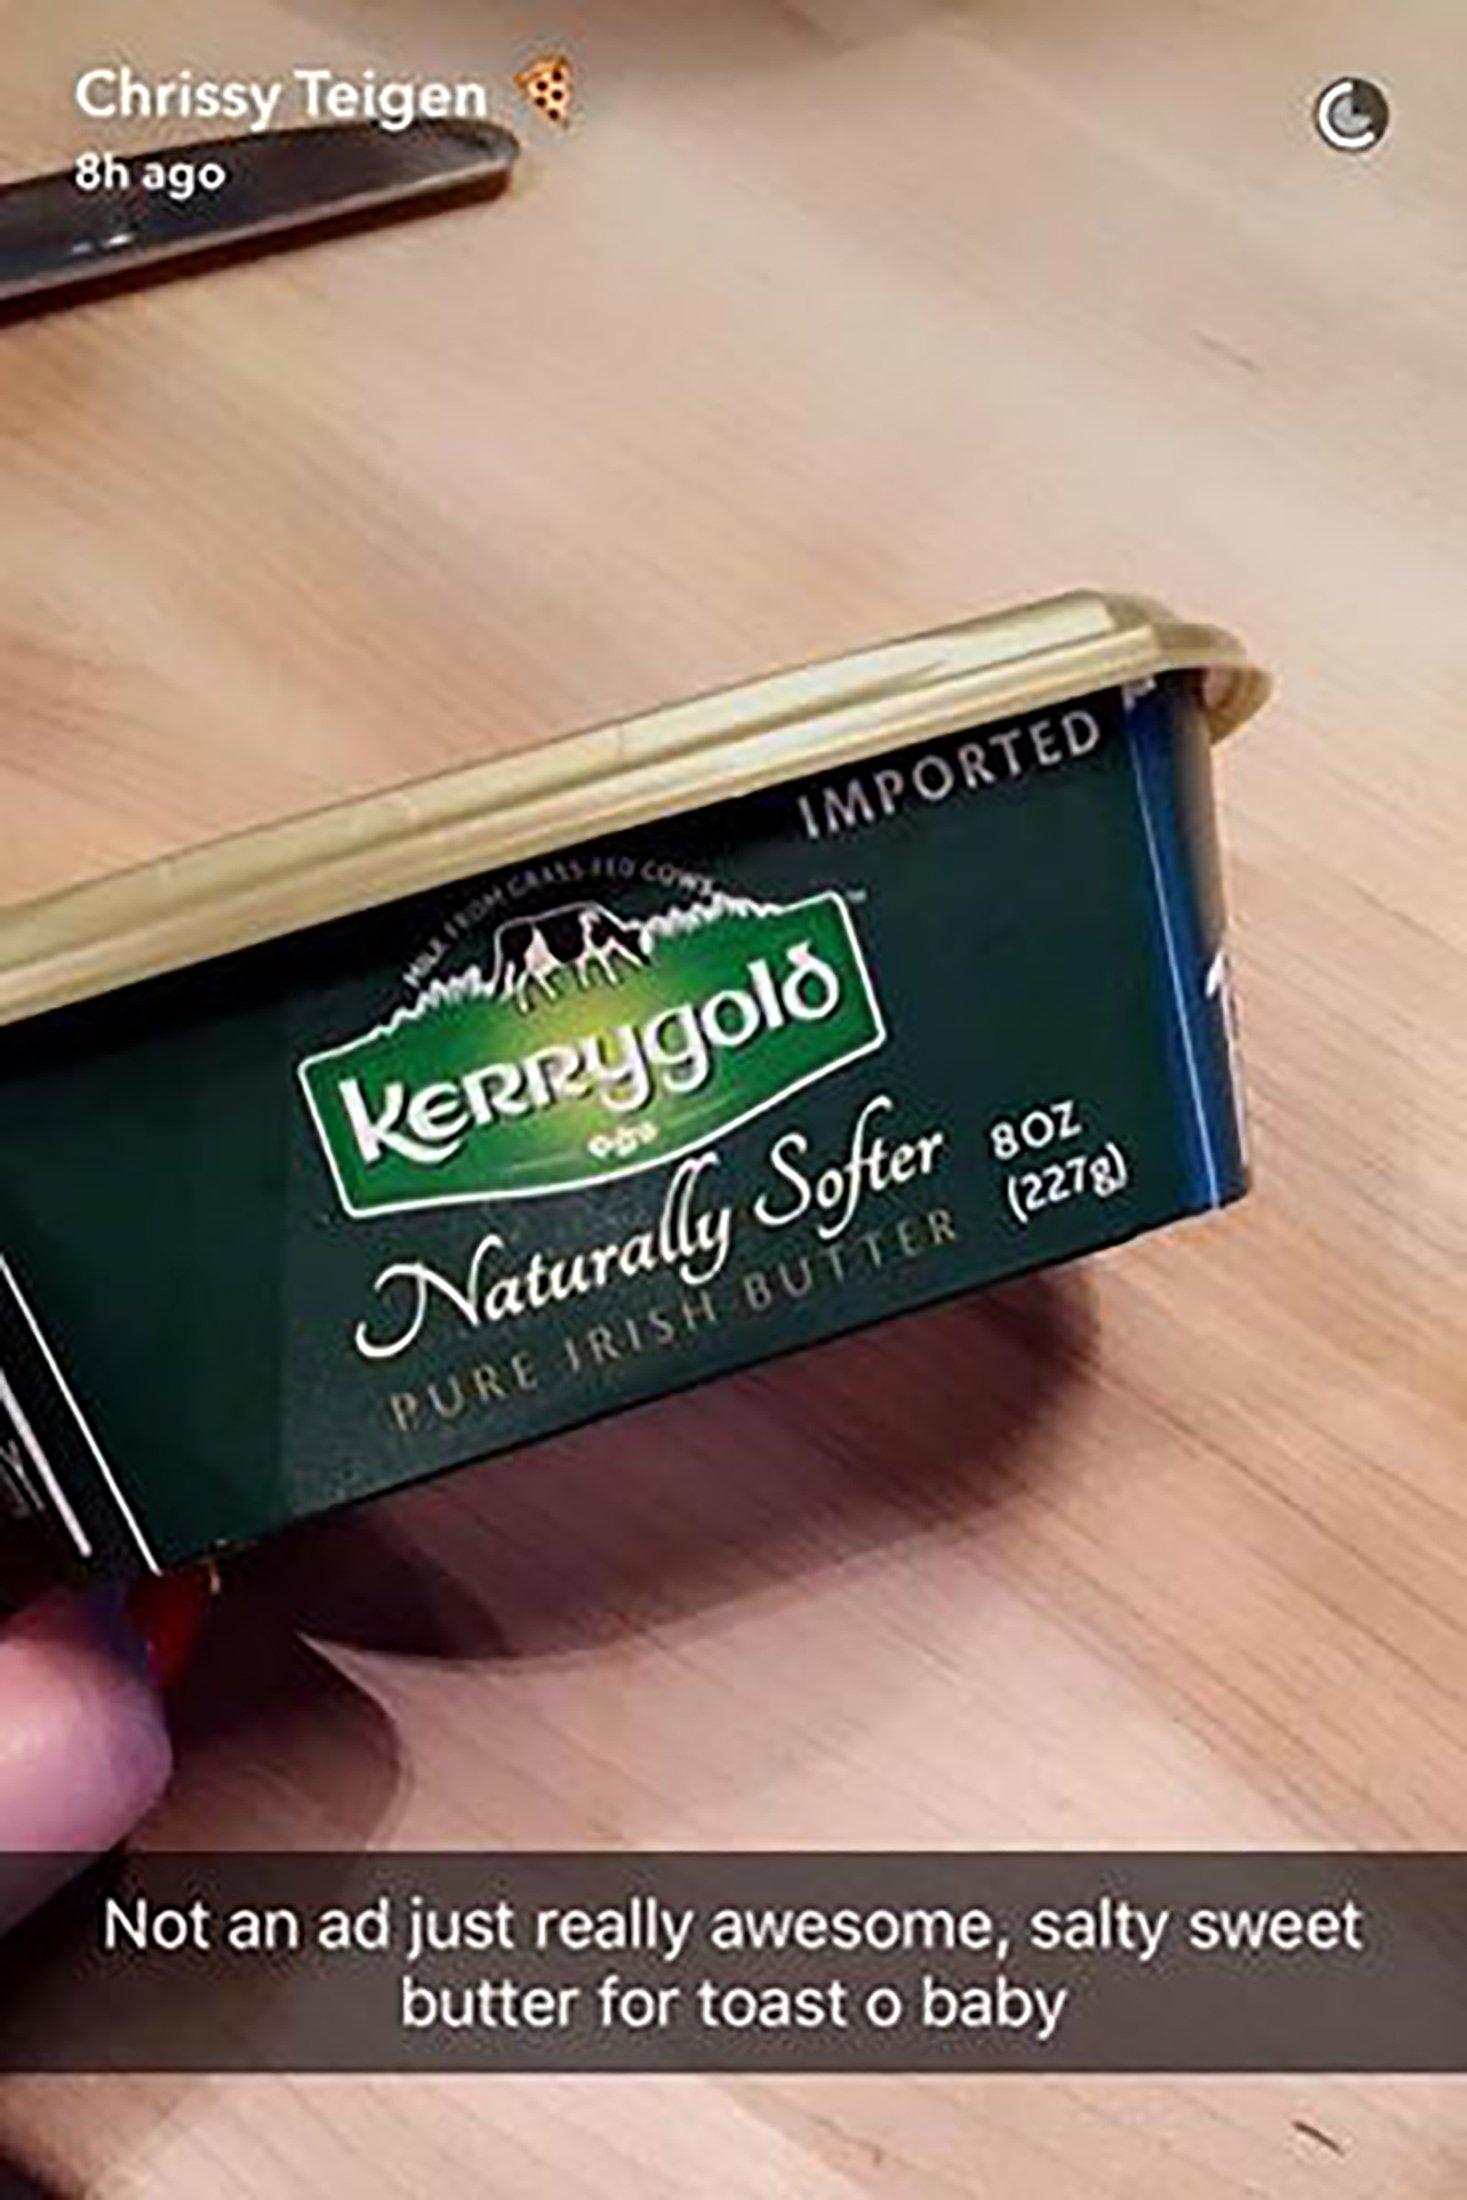 Chrissy Teigen is a fan of Kerrygold butter.